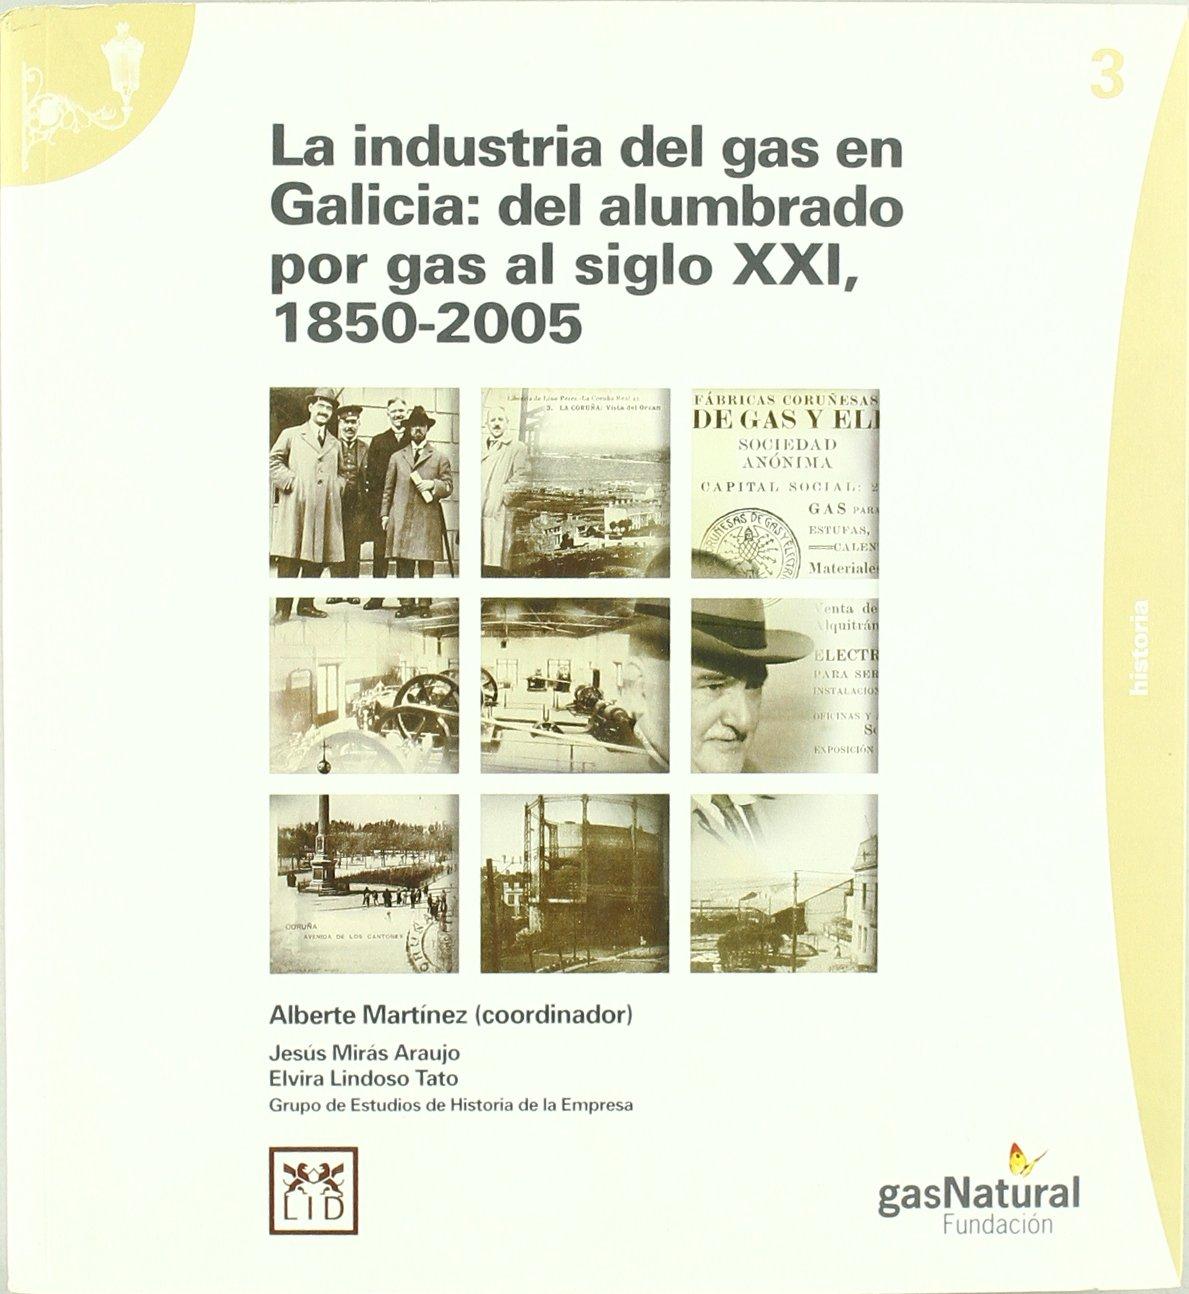 La industria del gas en Galicia : del alumbrado por gas al siglo XXI, 1850-2005 (Spanish) Paperback – October 1, 2009